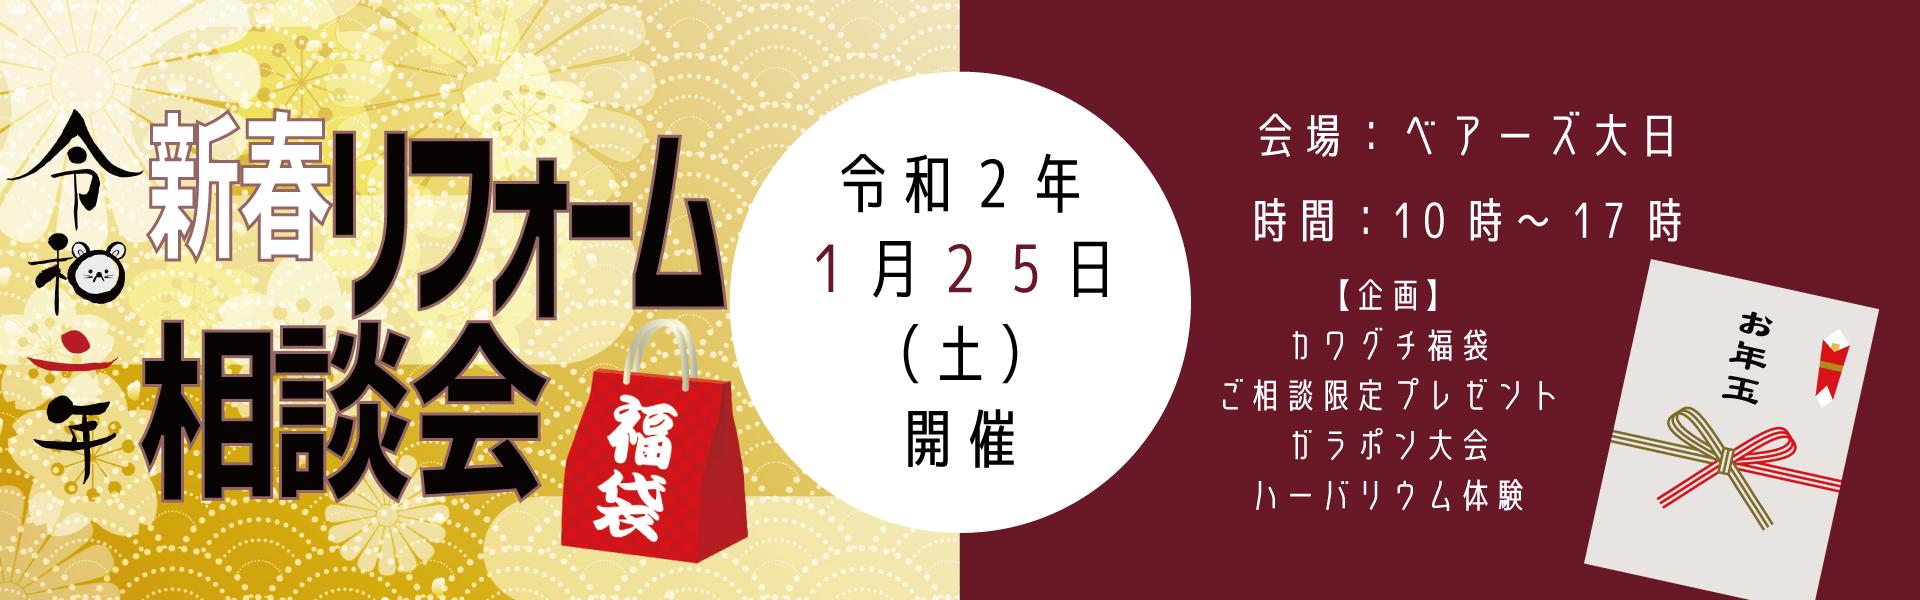 【1月25日】新春リフォーム相談会 開催!